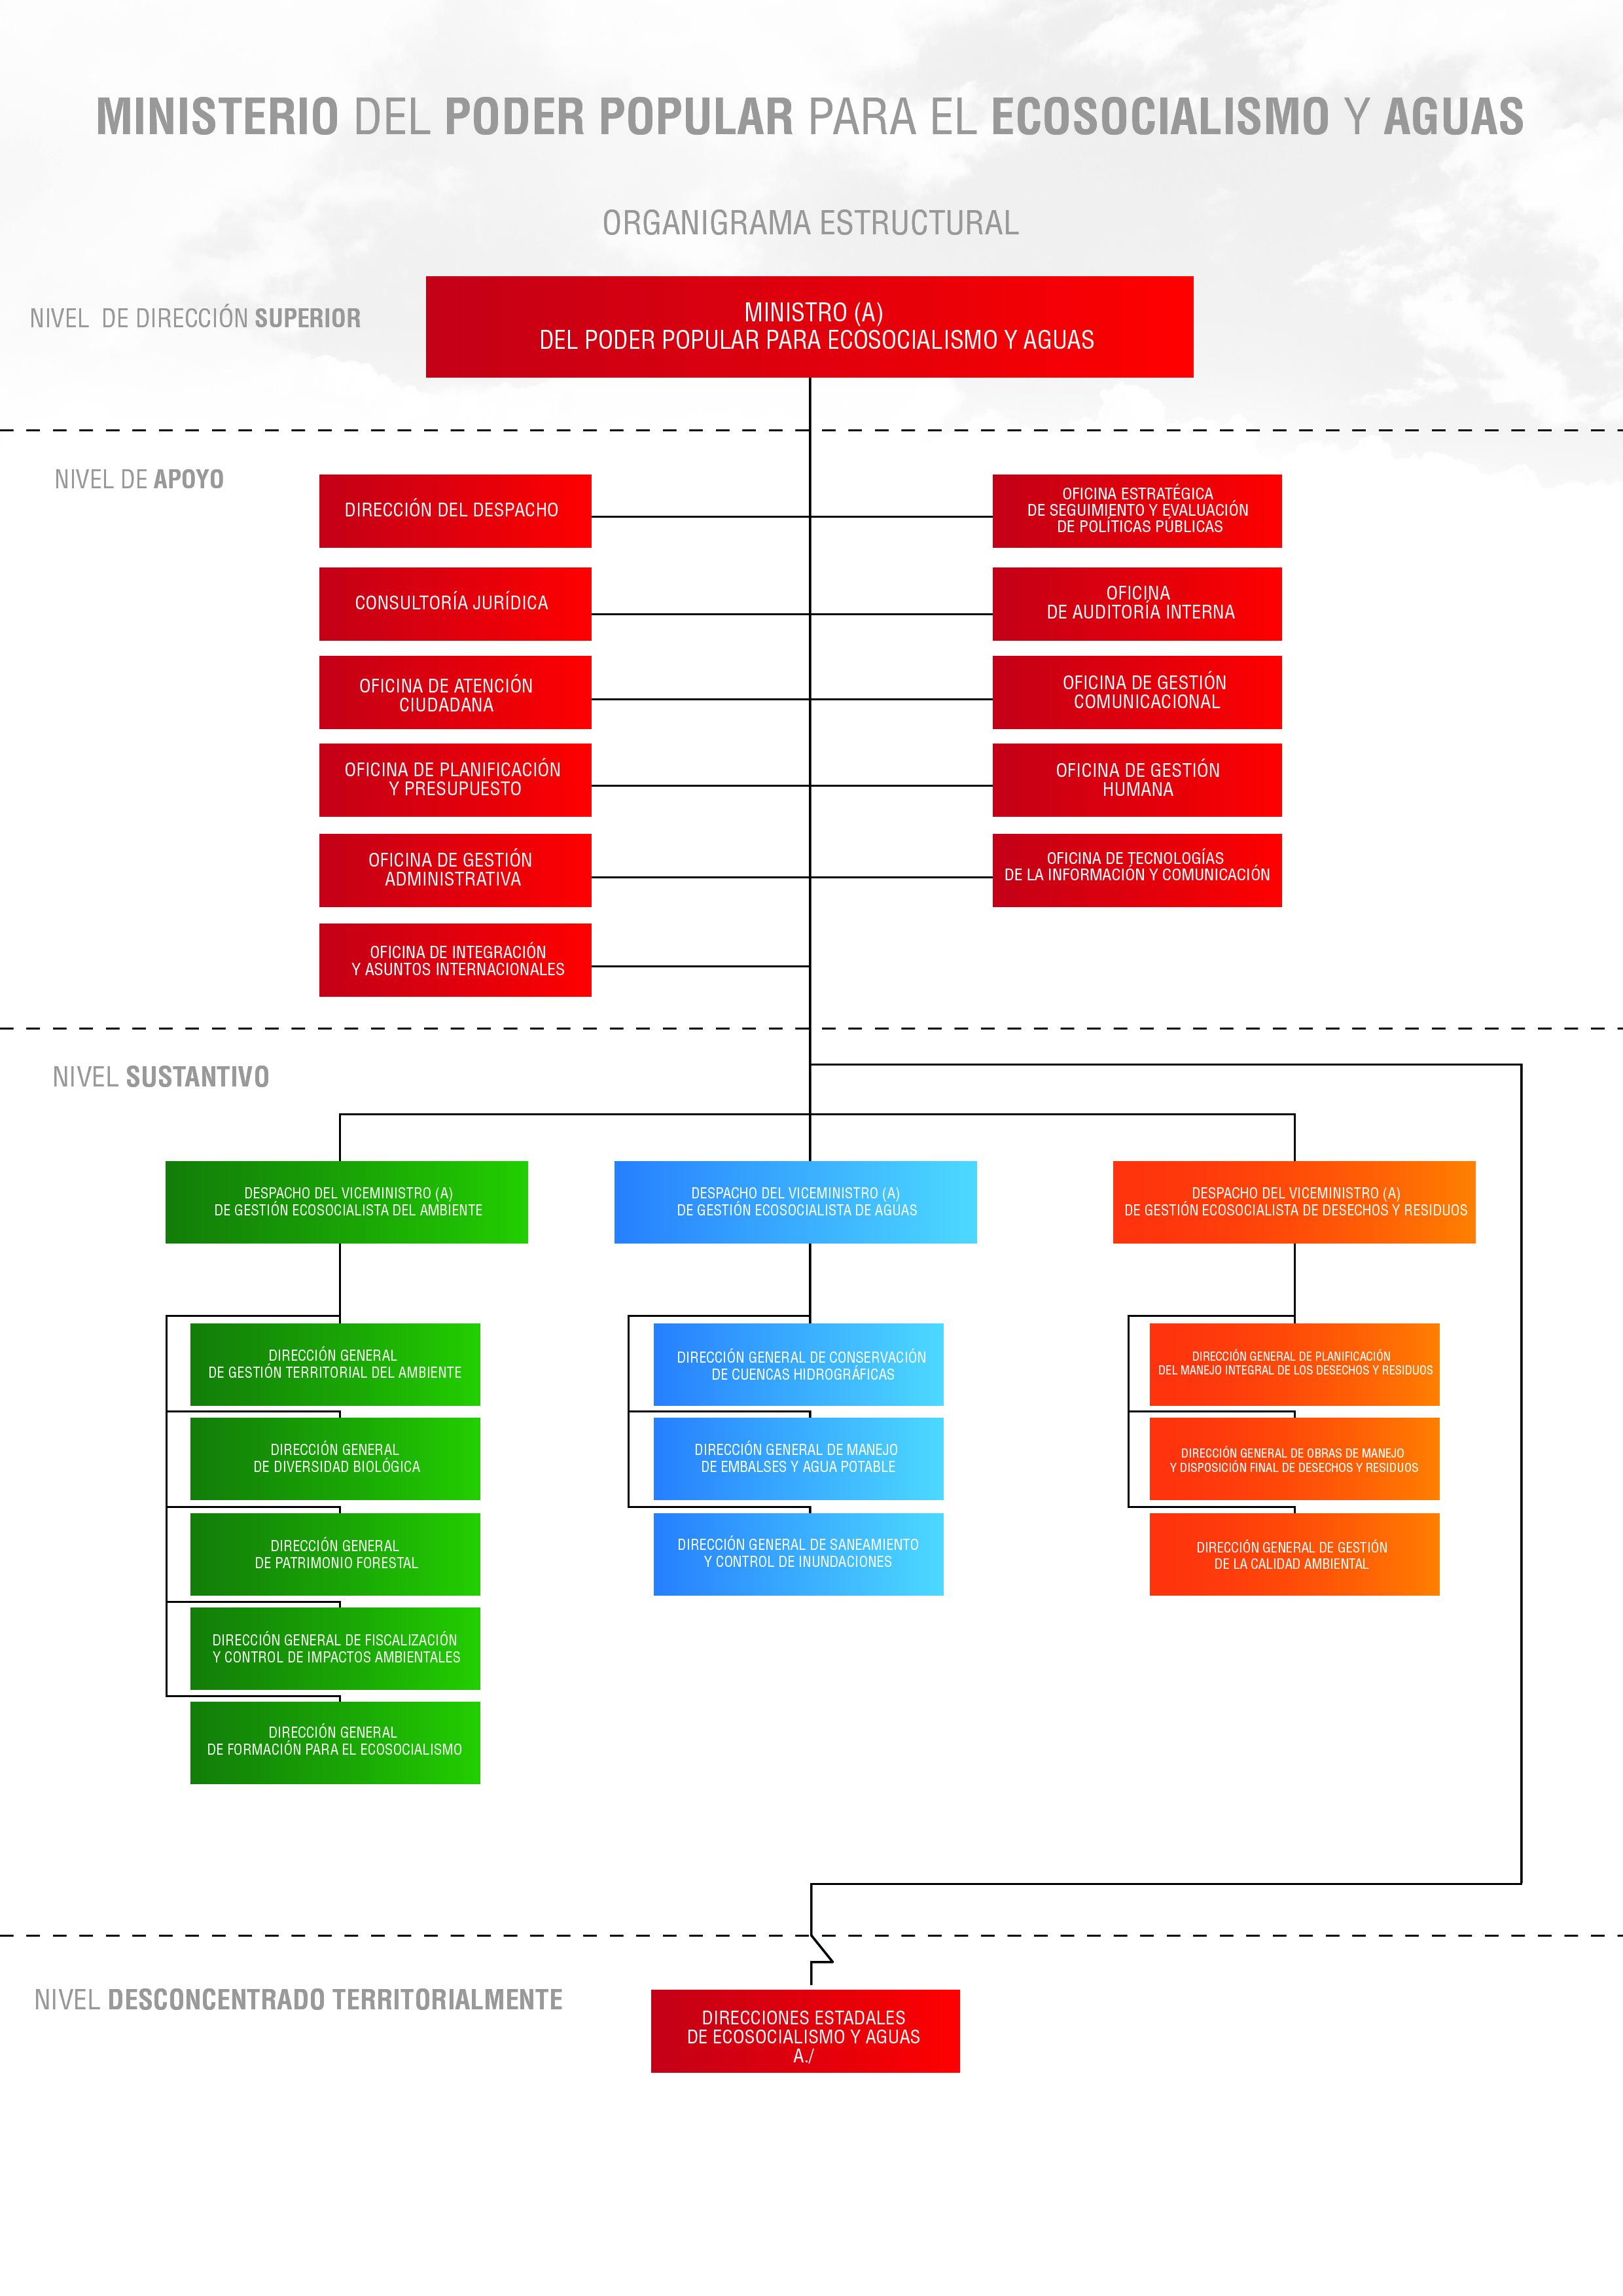 ORGANIGRAMA MINEA -PLANIFICACION